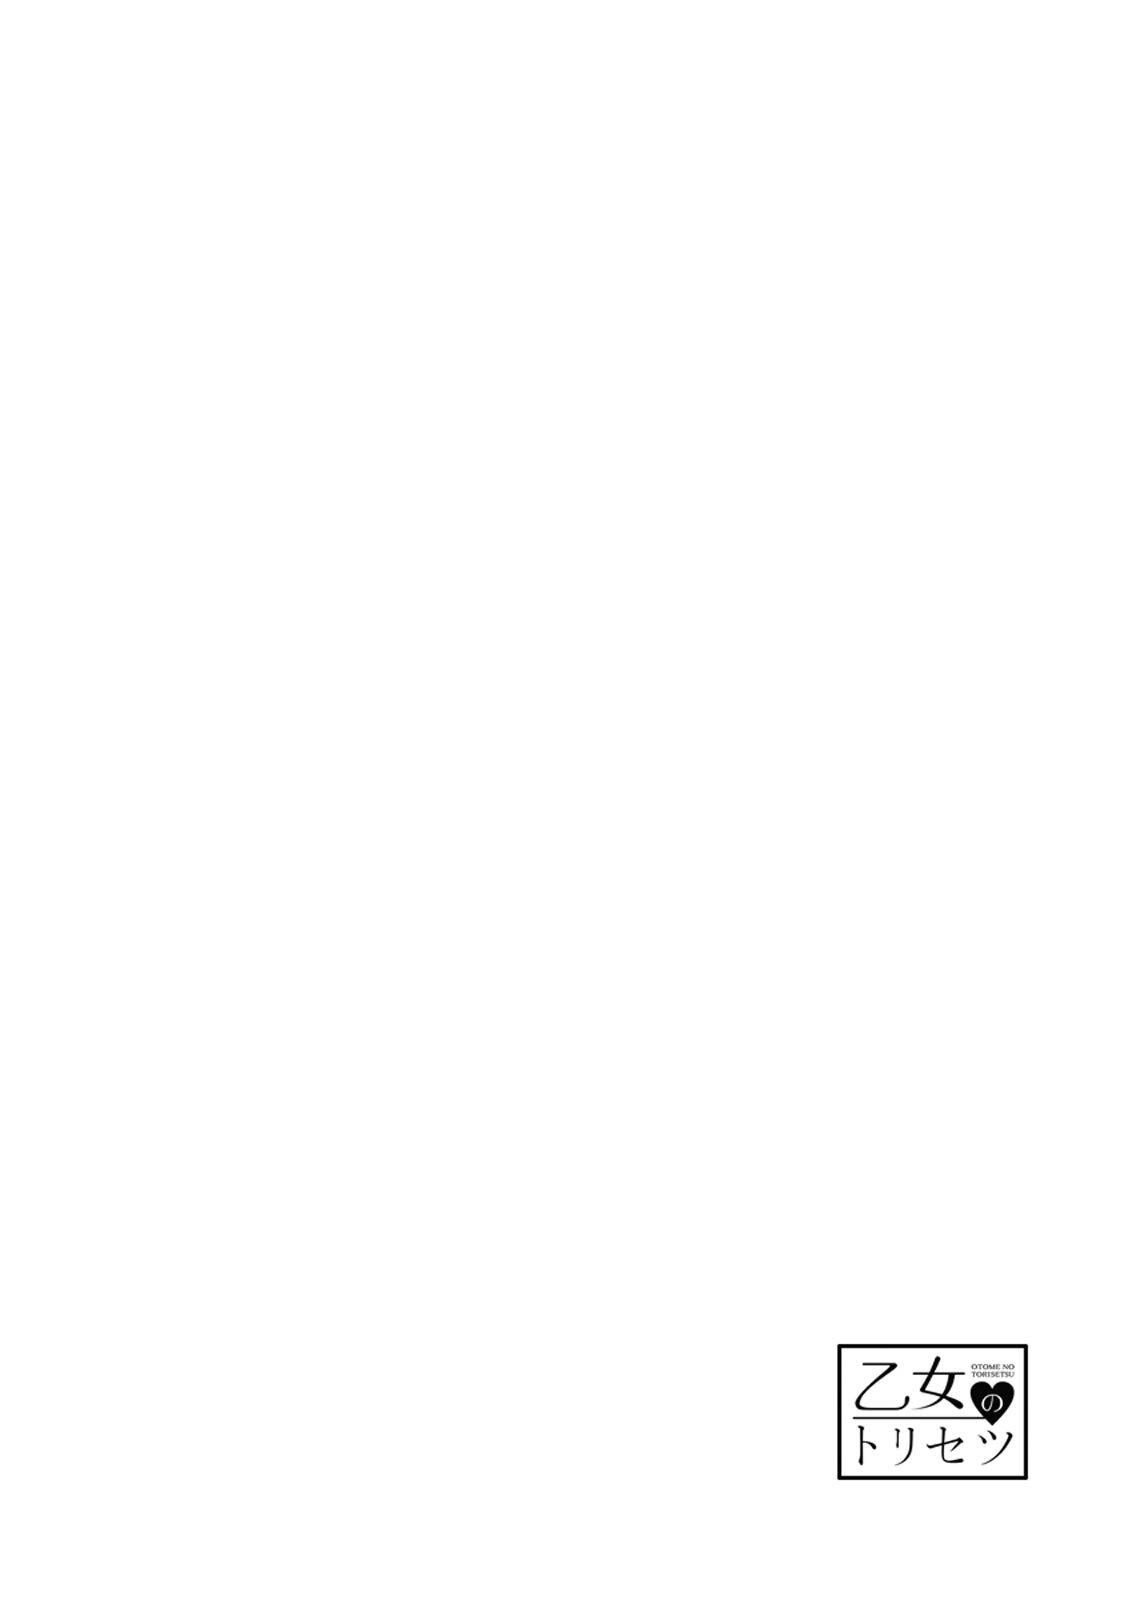 [Yuzushiwo] Akuyaku Reijou wa Ichizu ni Dekiai sarete ~Noumitsu Sex no Aite wa Juuboku~ | 被疯狂溺爱的反派大小姐~浓密性爱对象是仆从~ 1-4 [Chinese] [莉赛特汉化组] 1